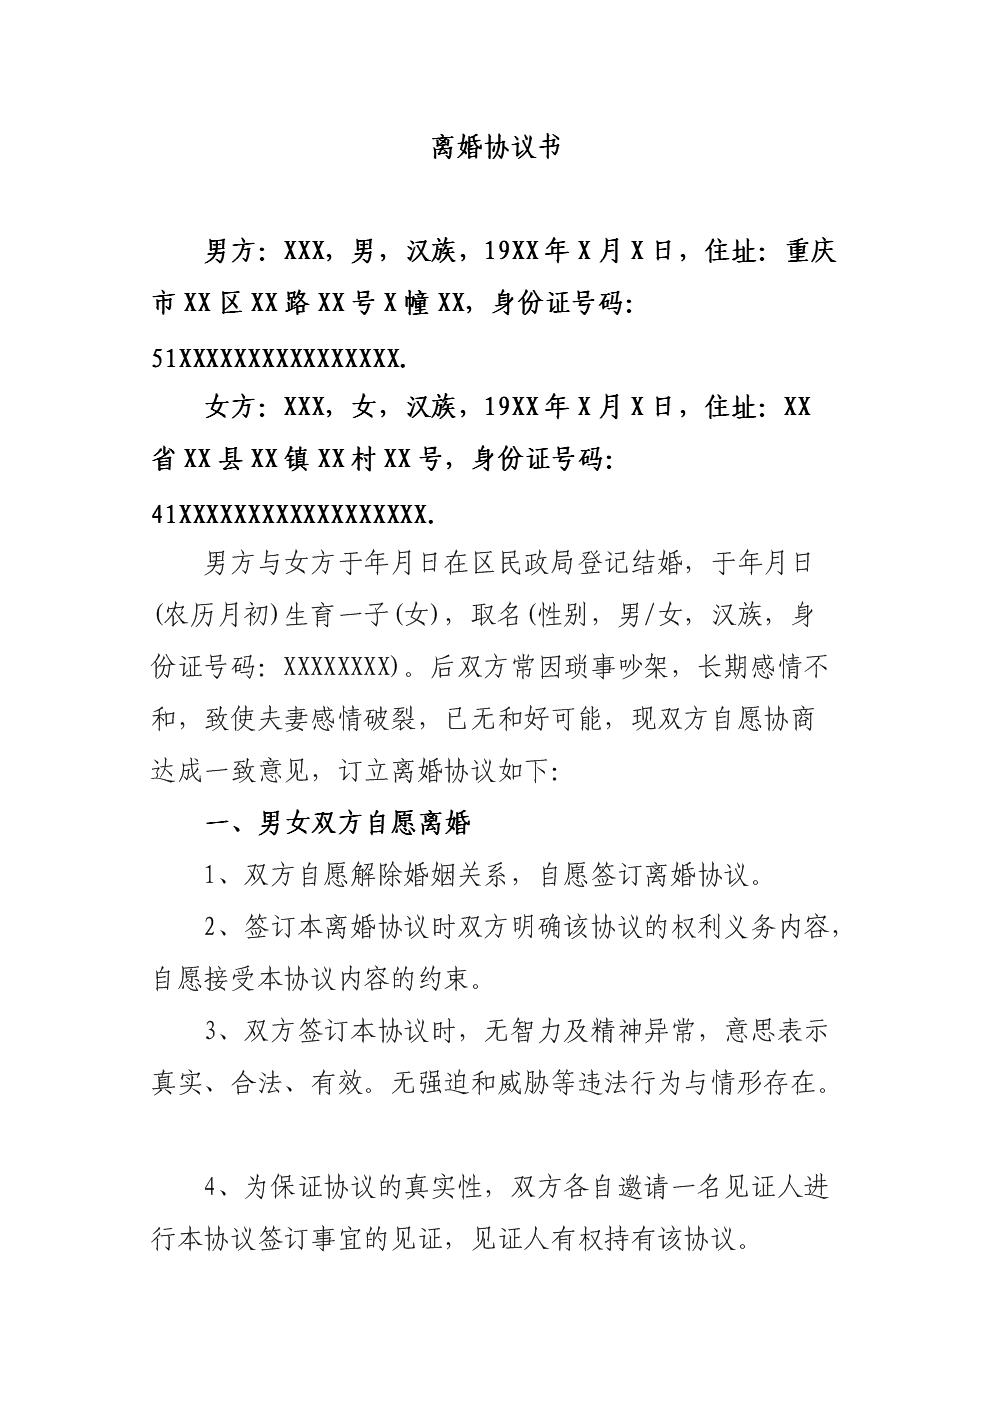 最新2018年标准版离婚协议书范本(律师版本).doc图片